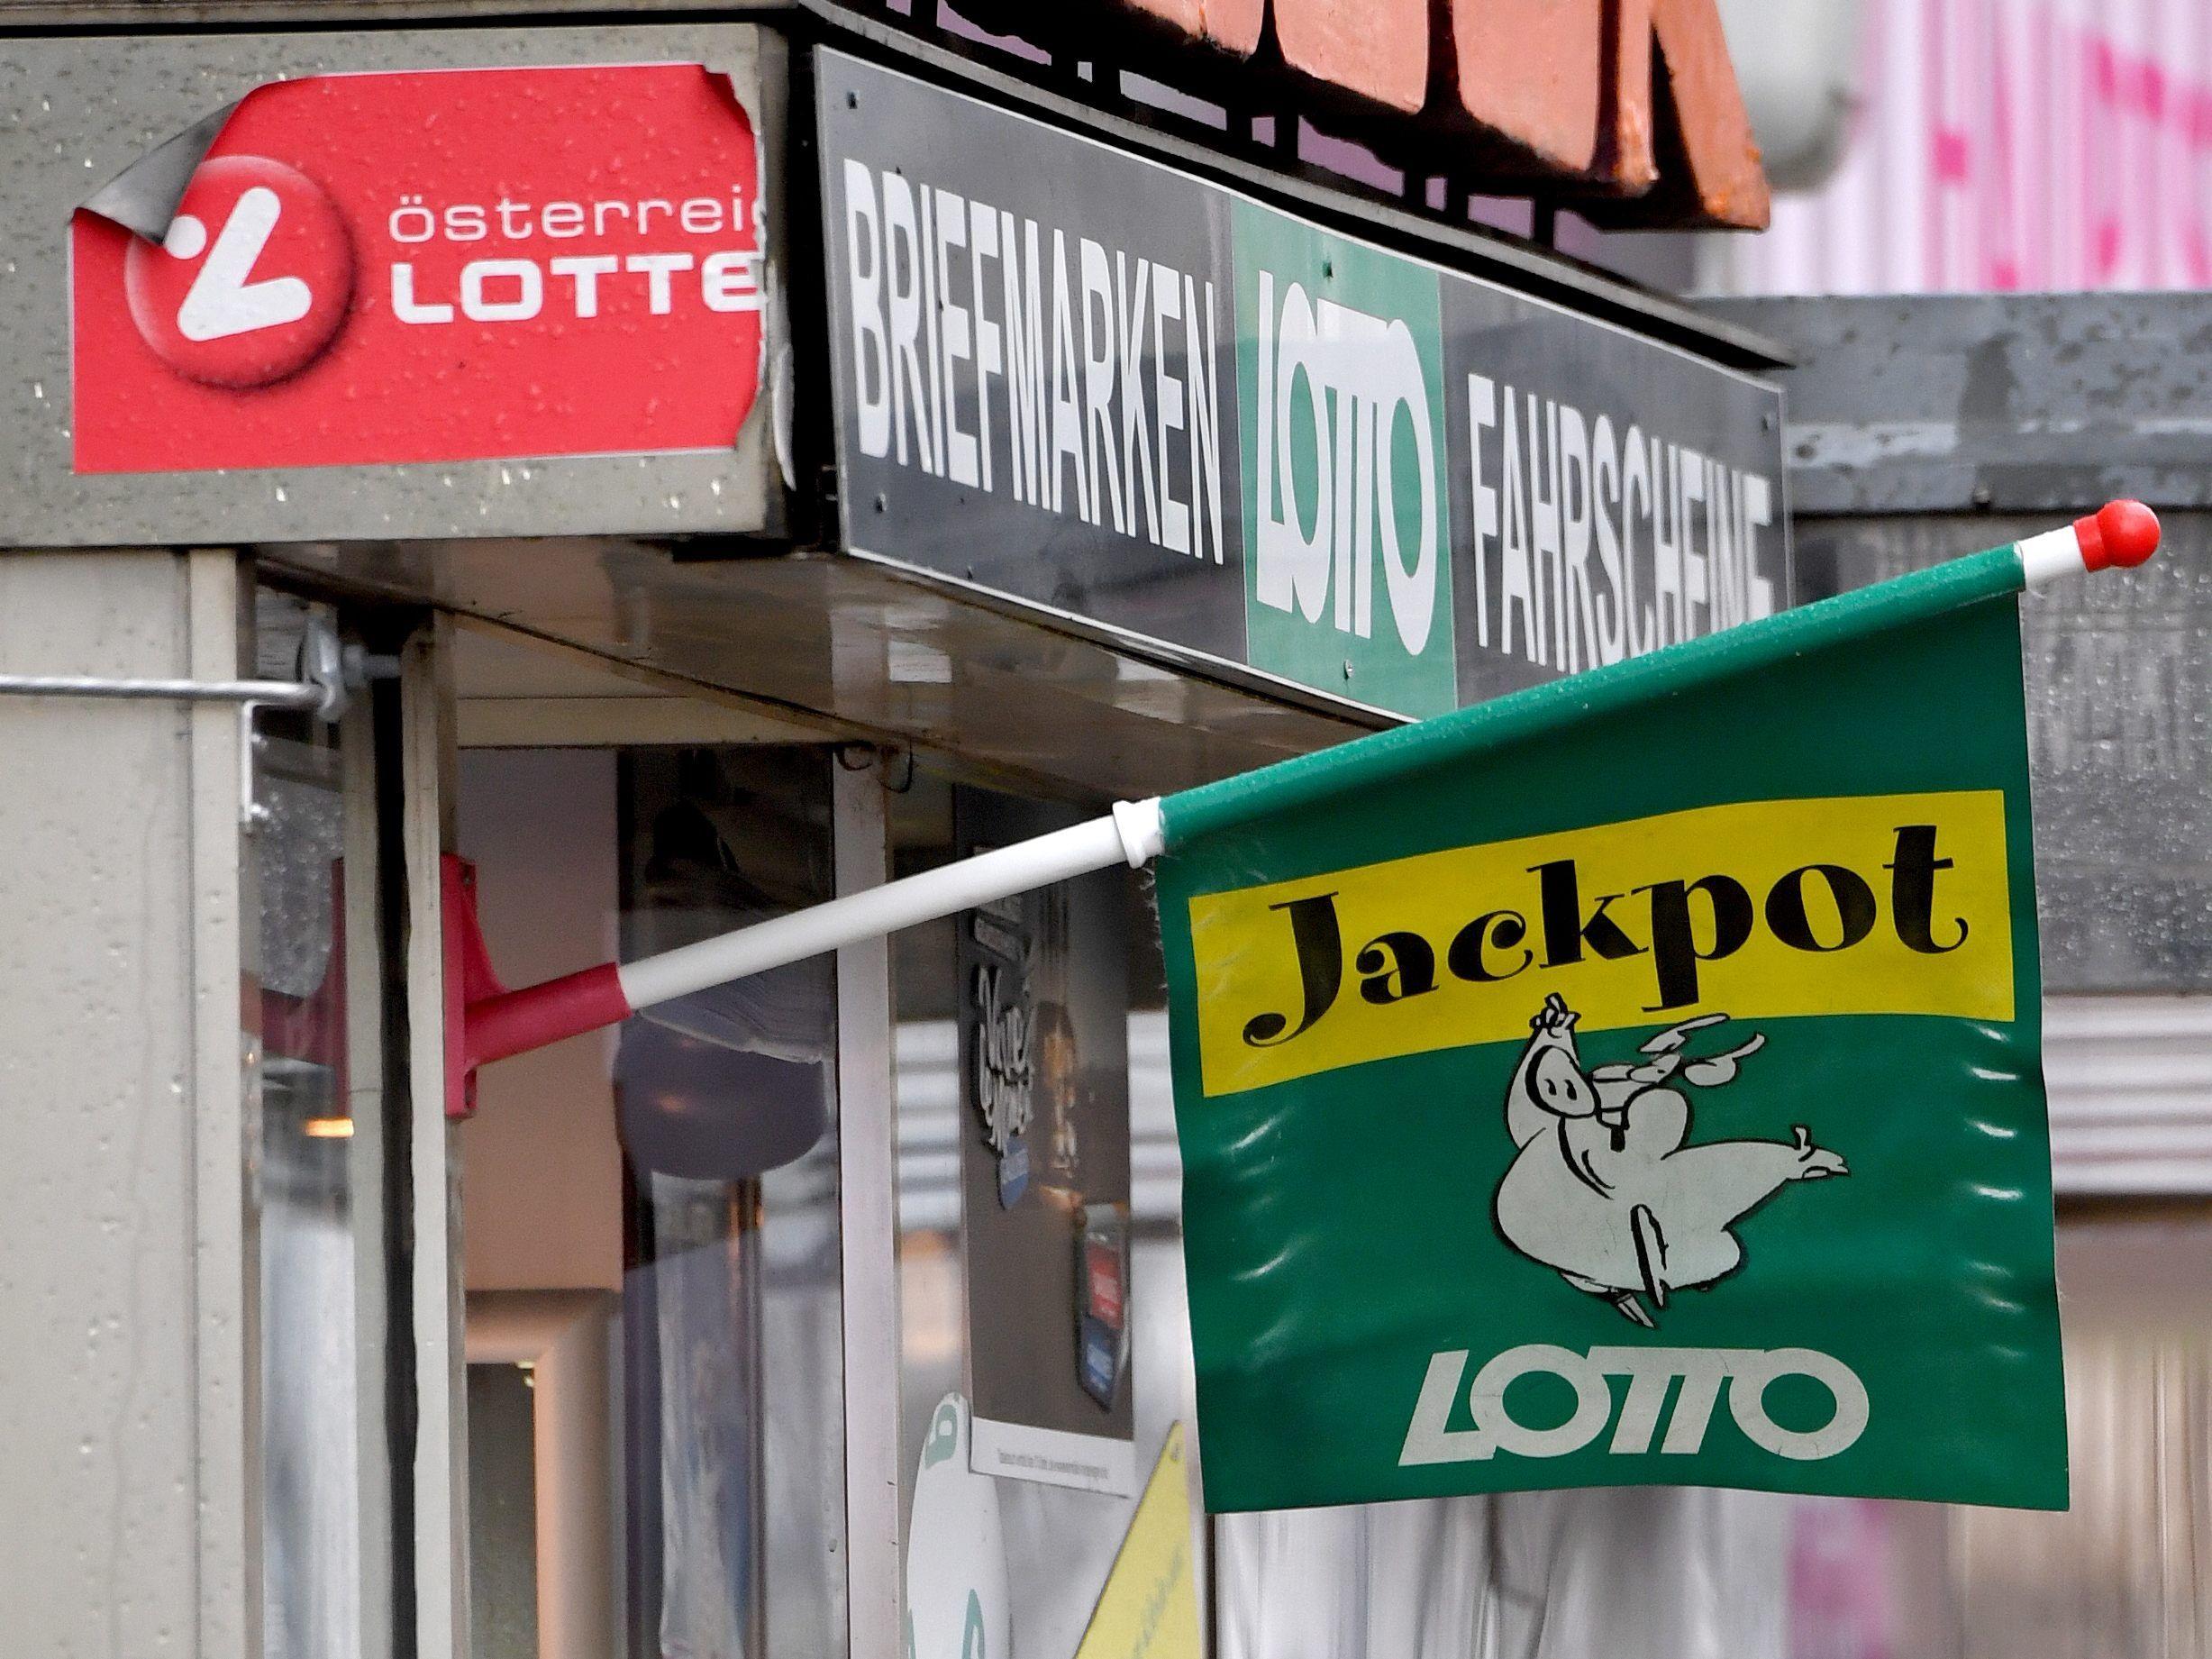 Lotto Weihnachten.Lotto Sechsfach Jackpot Geknackt Je 6 1 Mio Euro Für Zwei